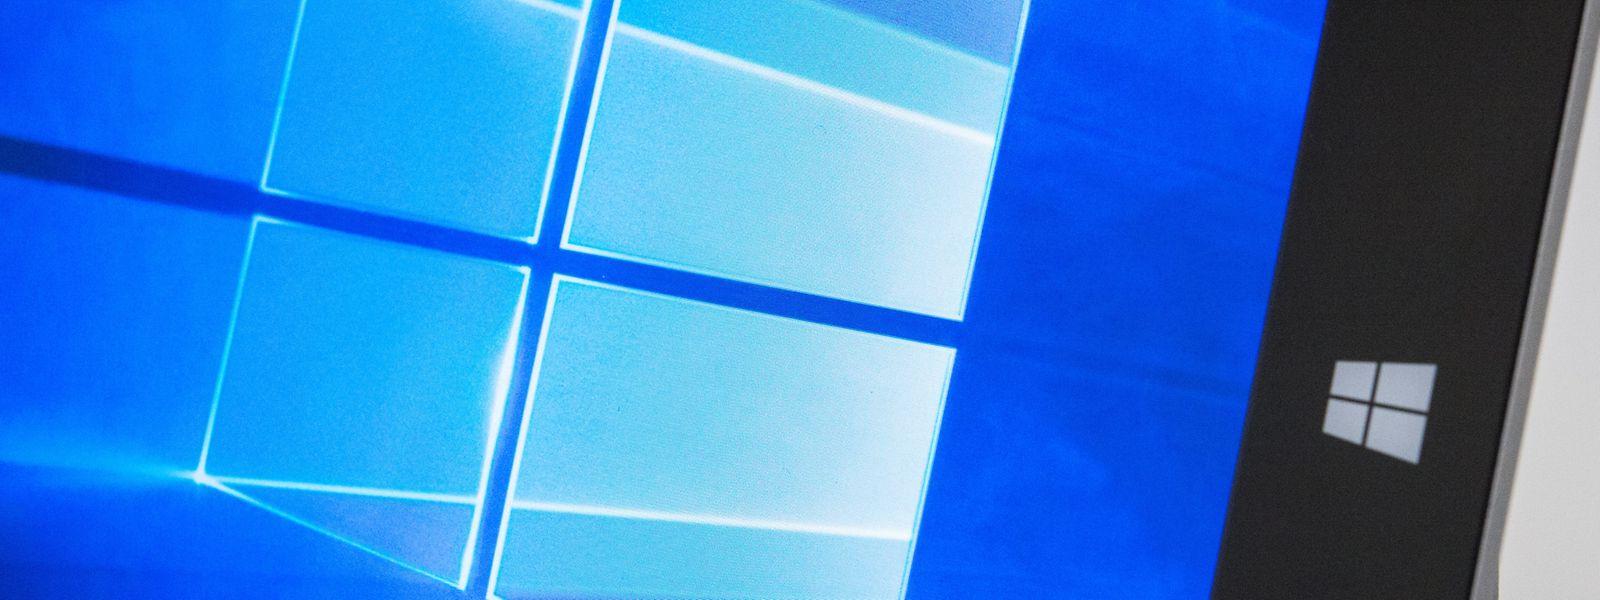 Windows 10 verfügt bereits über Sicherheitsprogramme wie den Windows Defender und eine Firewall.